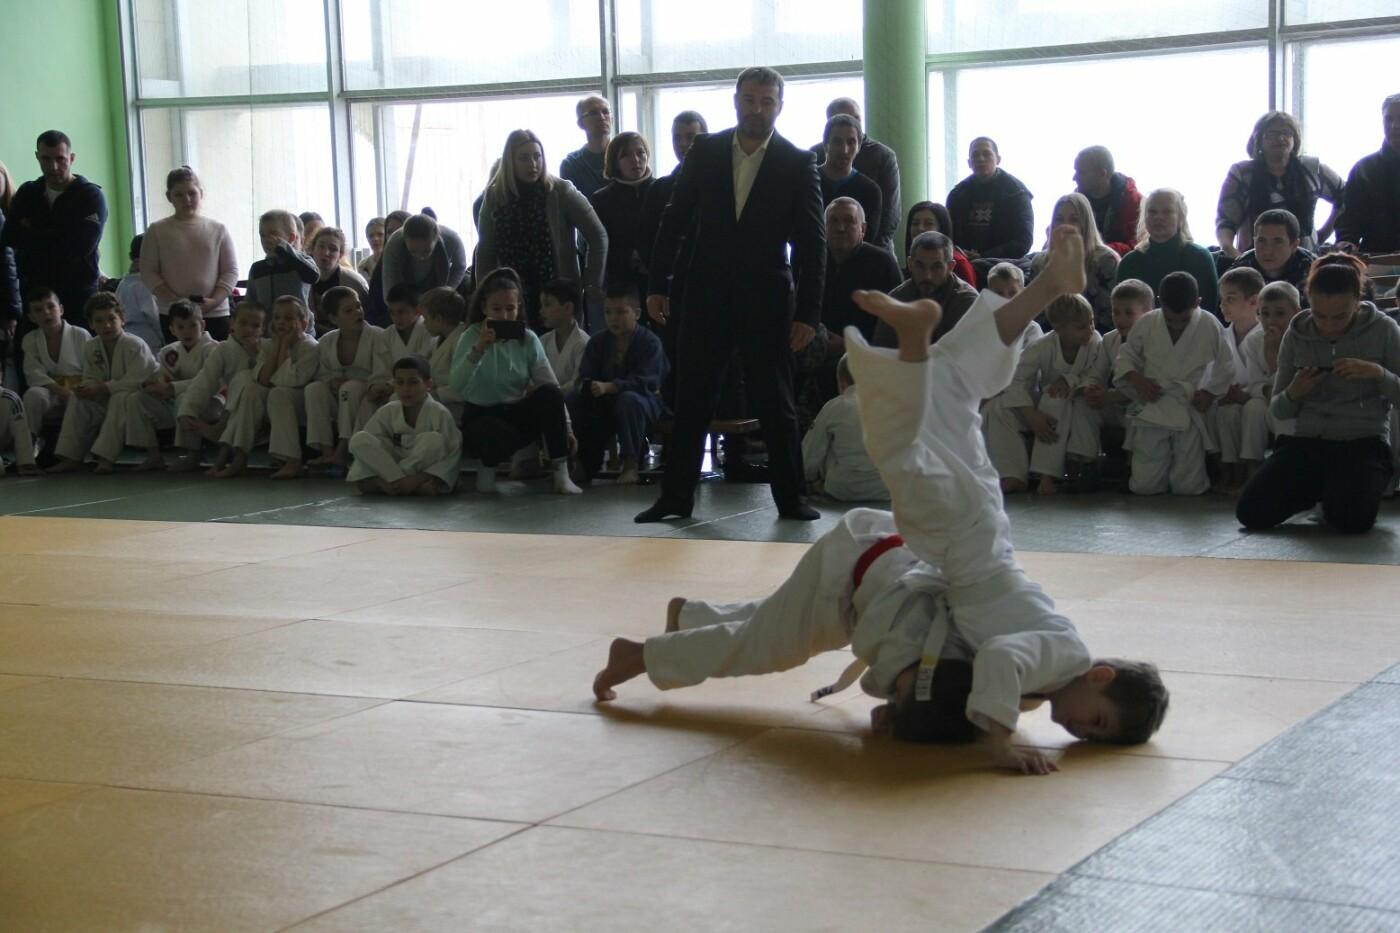 В санатории «Дюльбер» прошел турнир по дзюдо и открытое первенство по сумо, фото-1